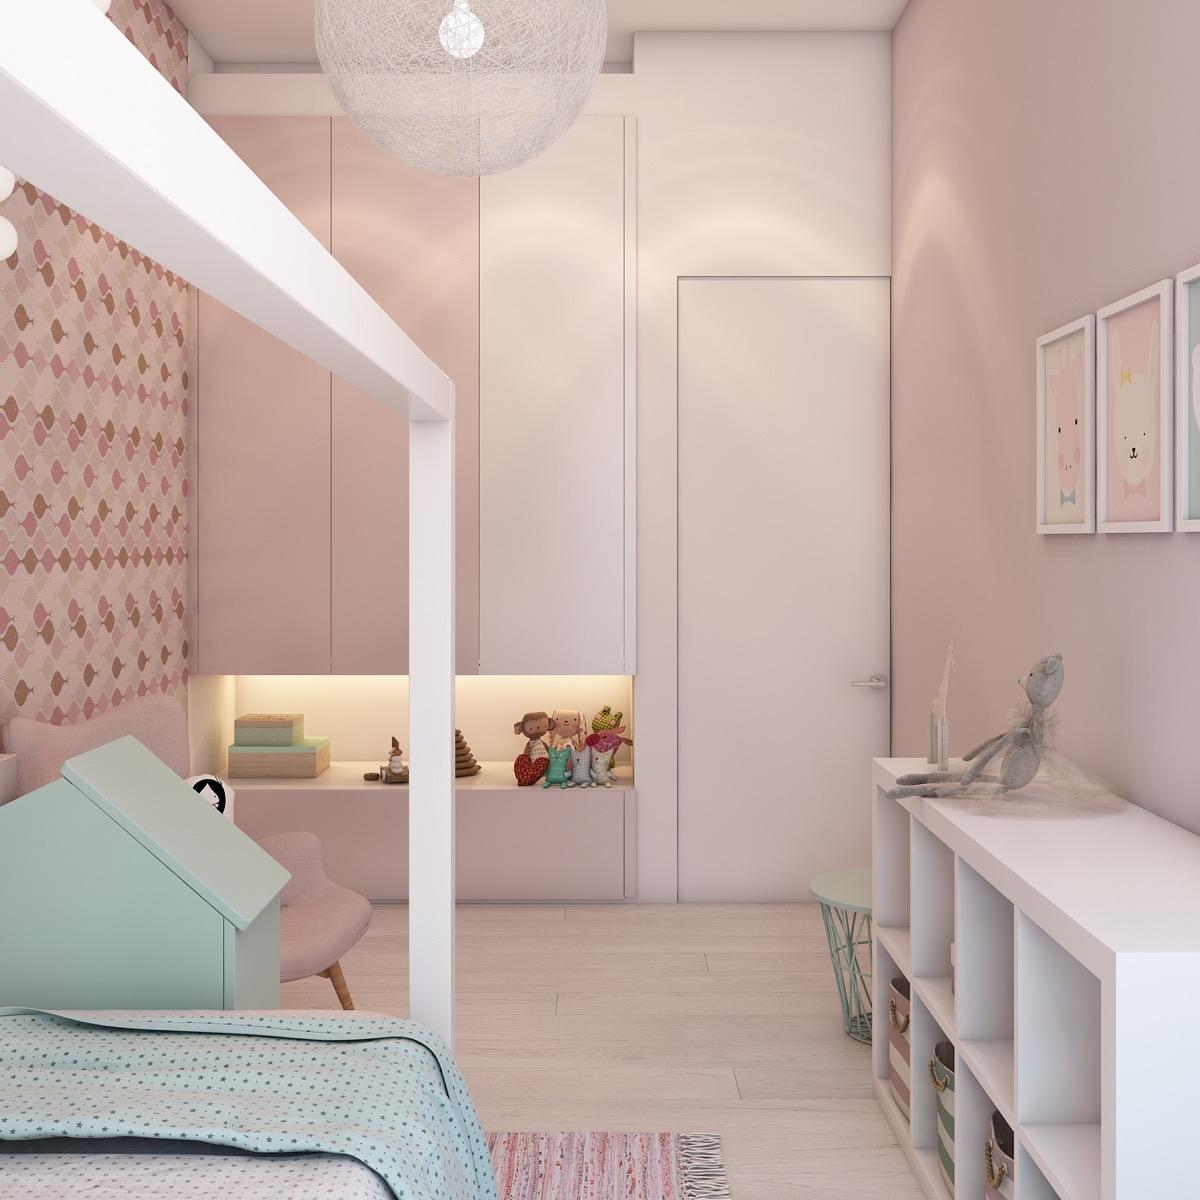 Hình ảnh một góc phòng ngủ với tủ kệ, tường màu hồng phấn, điểm nhấn là sắc xanh bạc hà nhẹ nhàng.